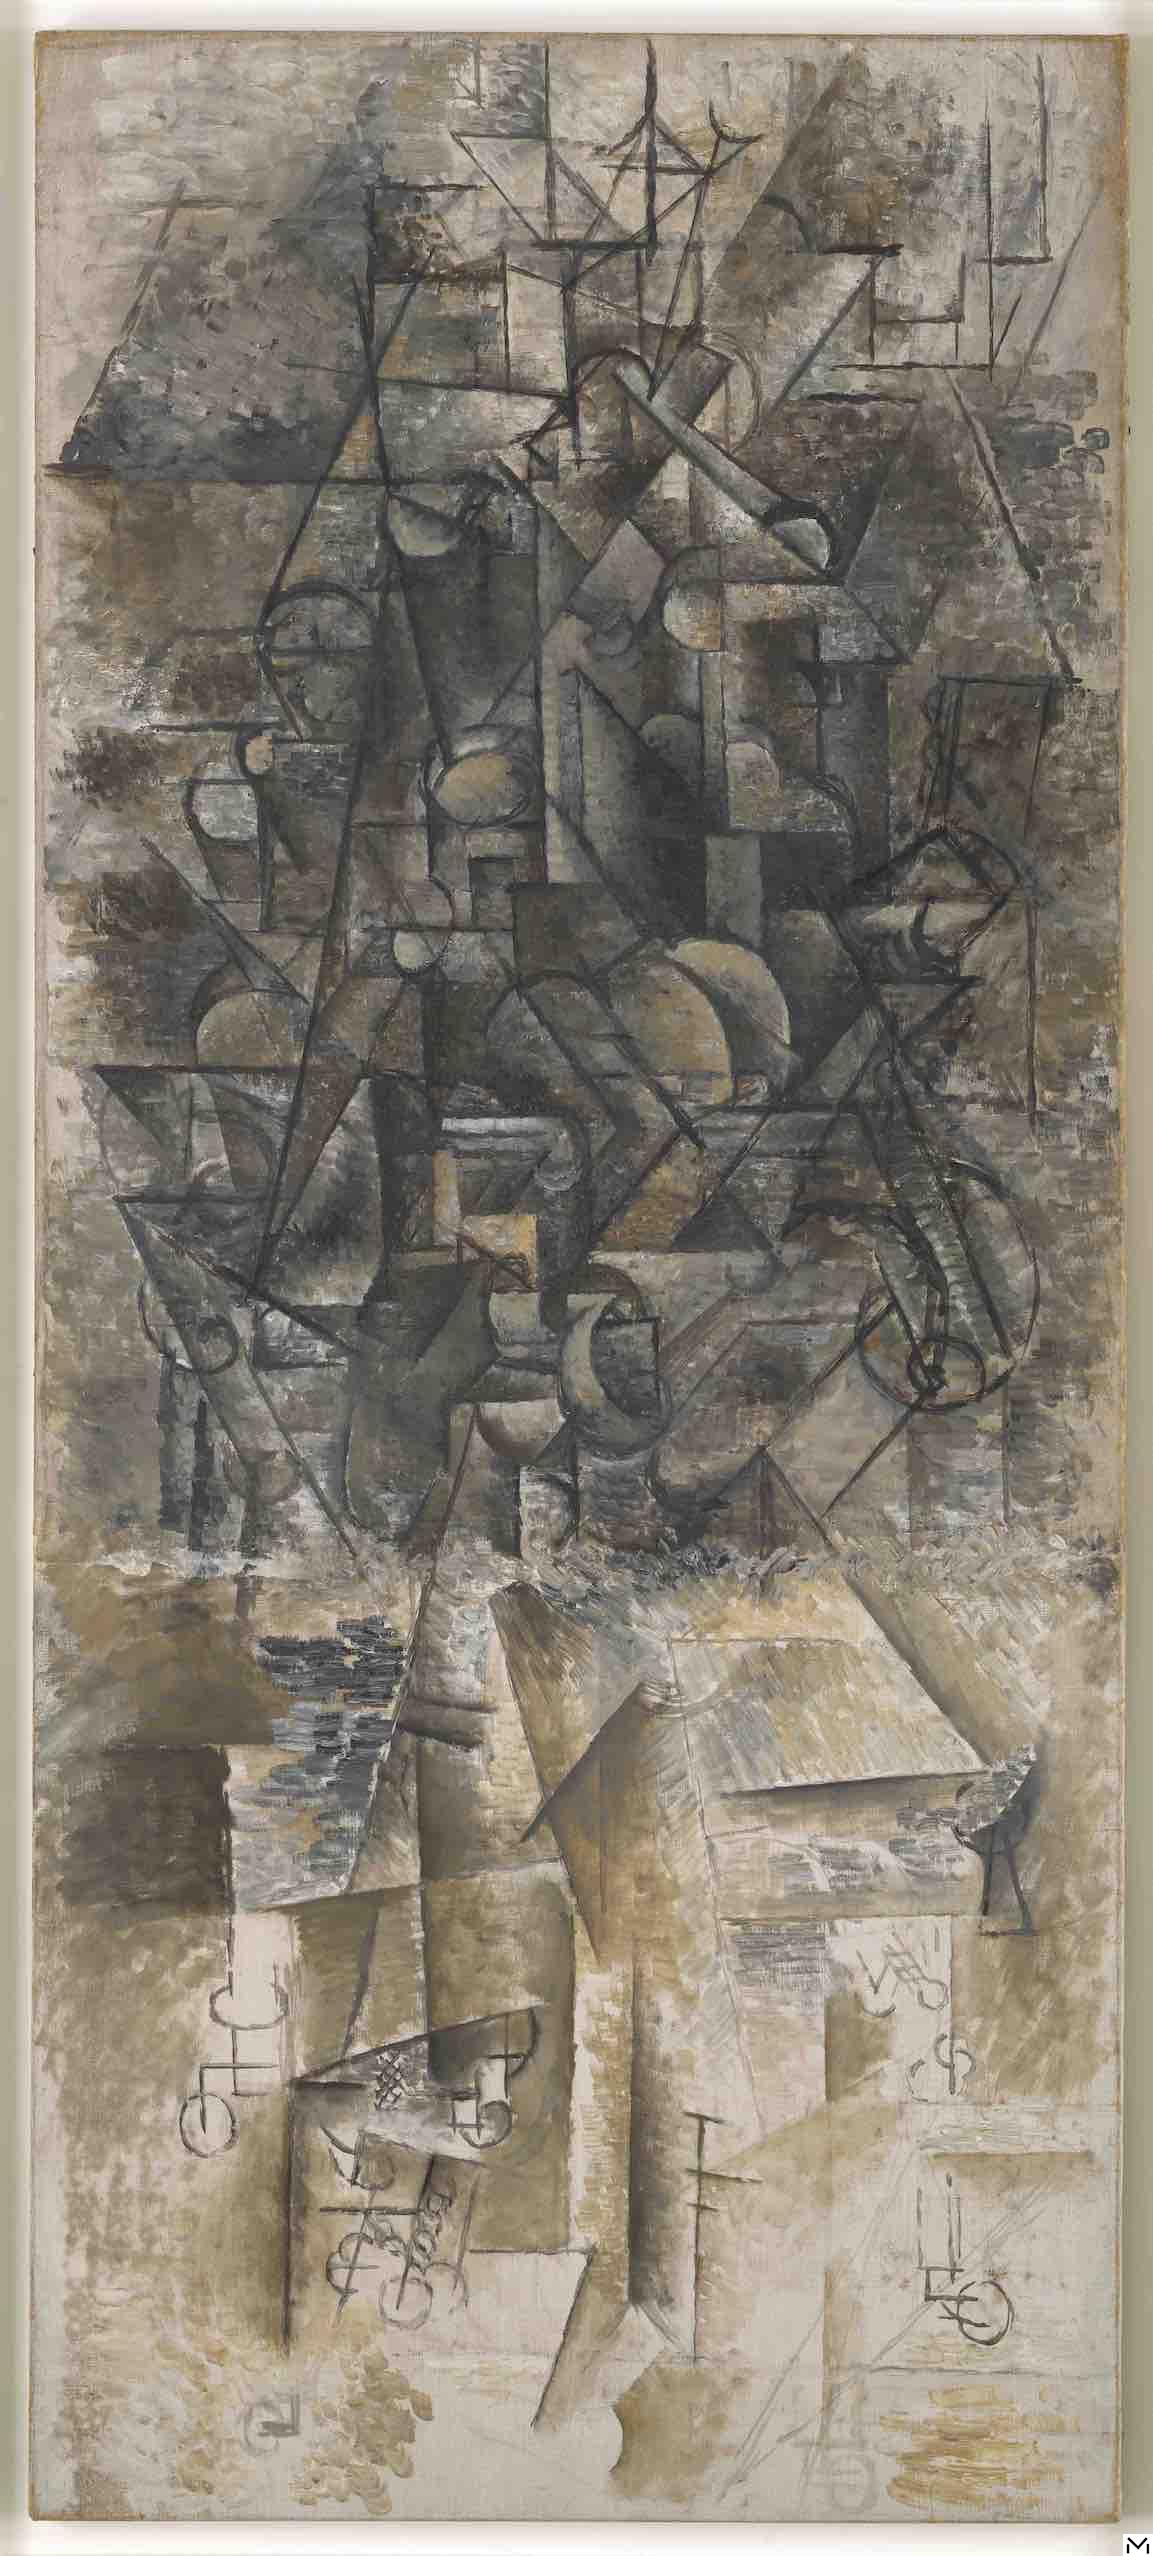 Pablo Picasso, Un homme à la Mandoline, autumn 1911, Musée National Picasso Paris©RMN-Grand Palais/photo Adrien Didierjean